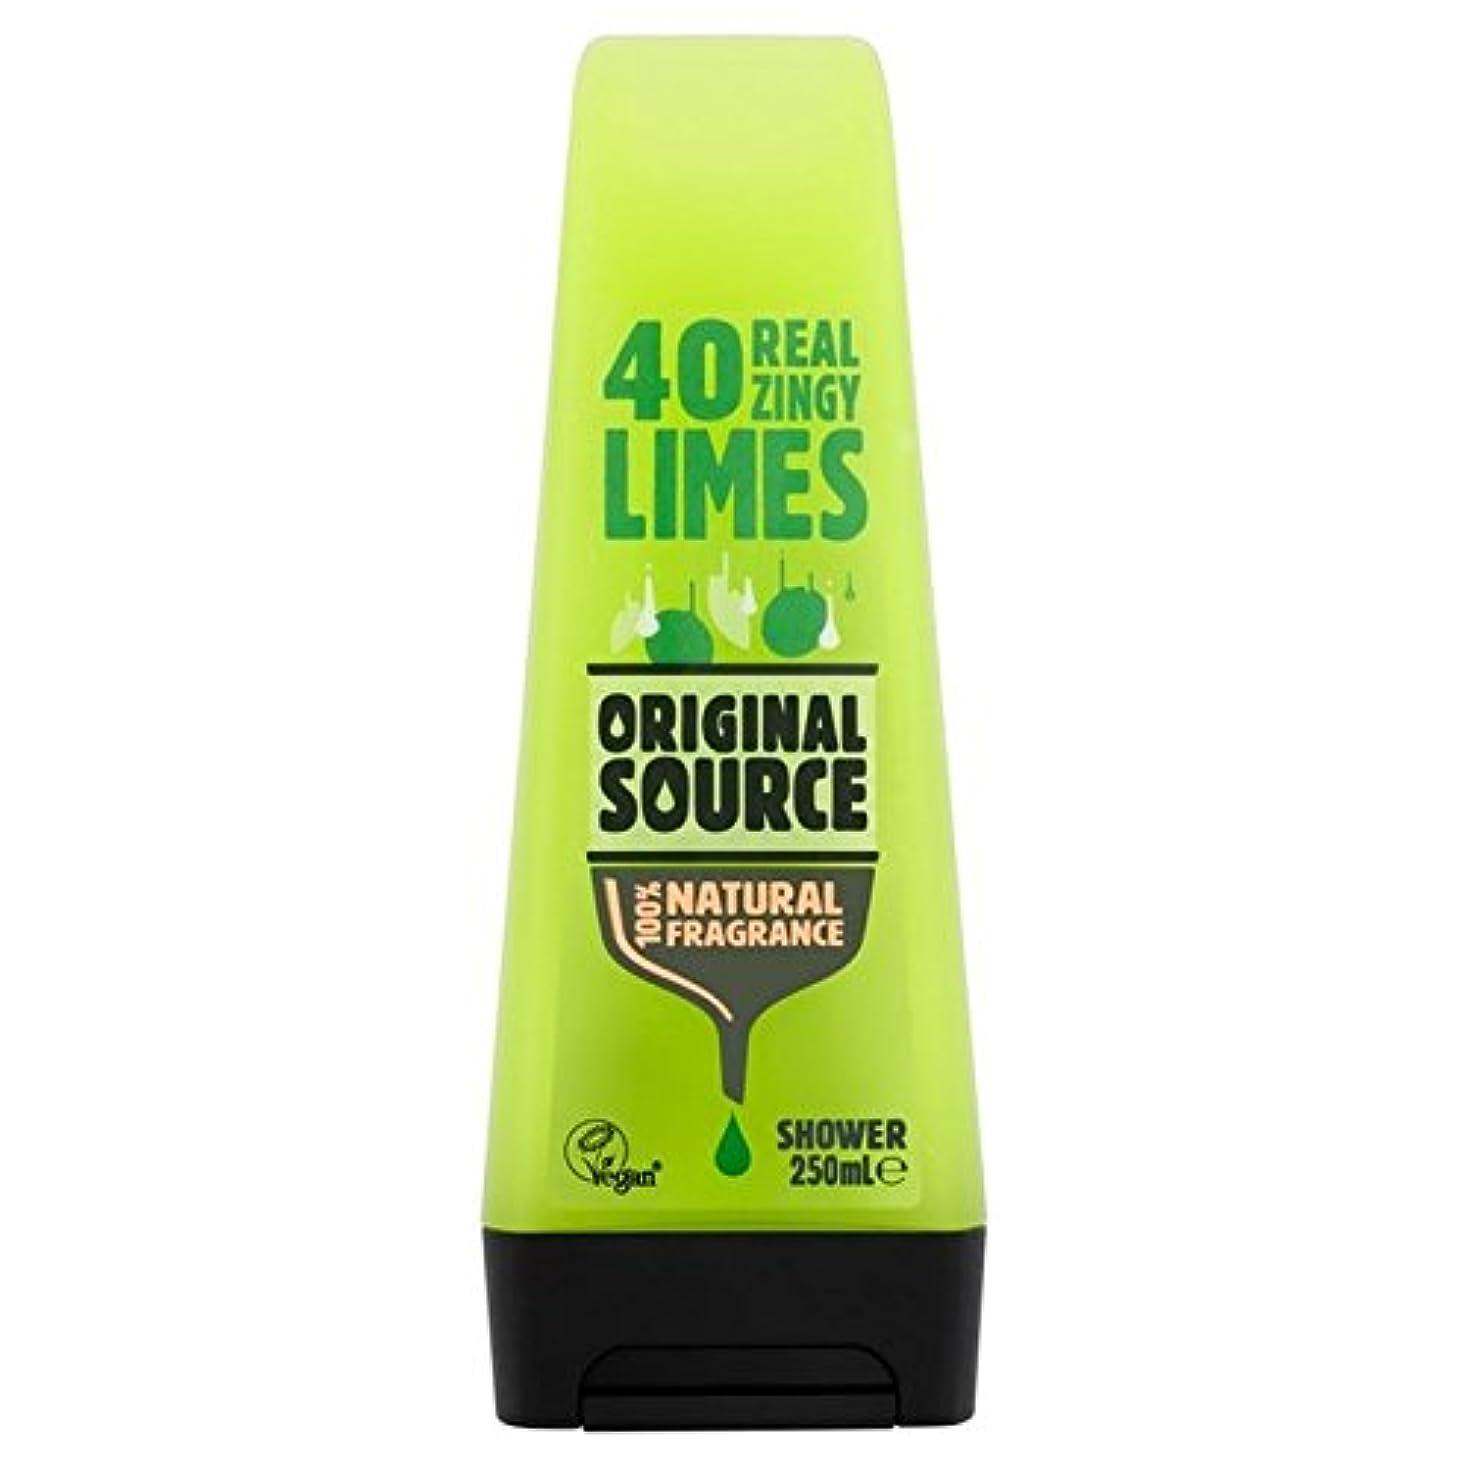 単語見ました征服するOriginal Source Lime Shower Gel 250ml (Pack of 6) - 元のソースライムシャワージェル250ミリリットル x6 [並行輸入品]